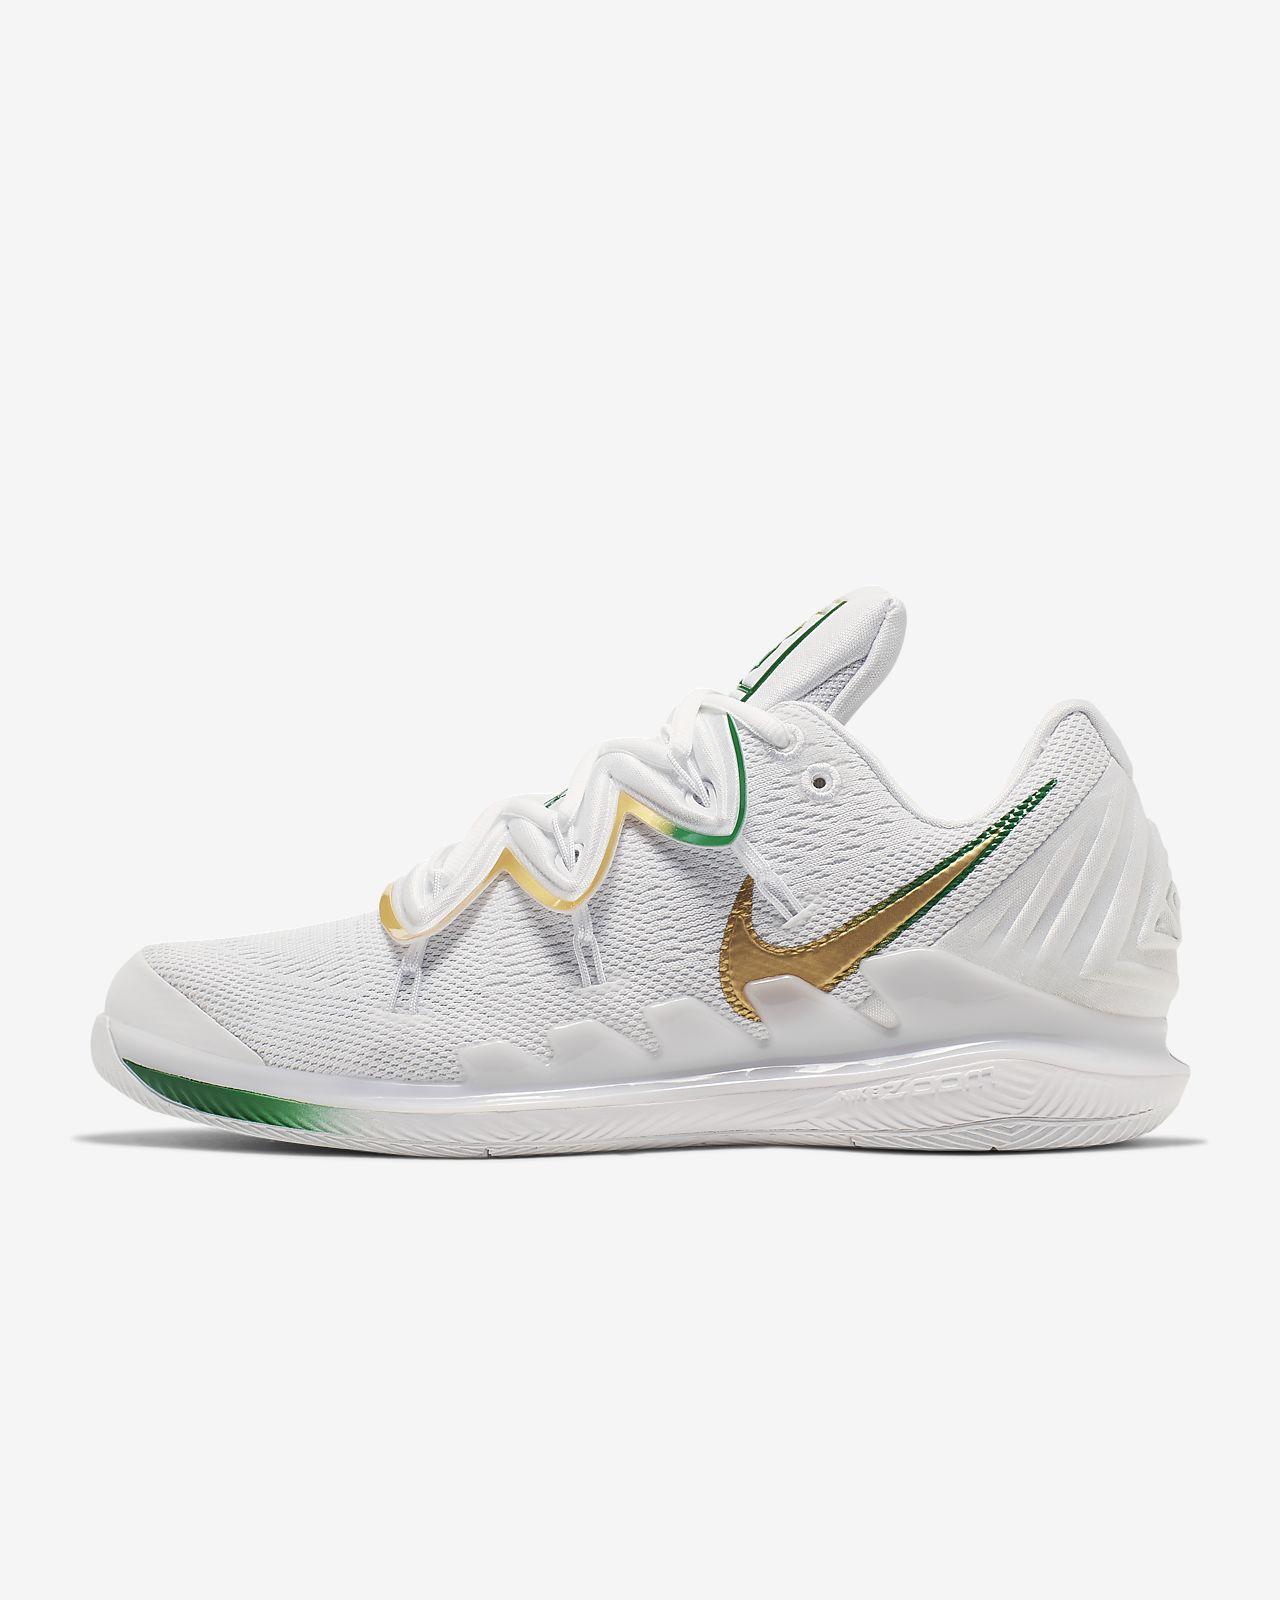 Pánská tenisová bota NikeCourt Air Zoom Vapor X Kyrie 5 na tvrdý kurt